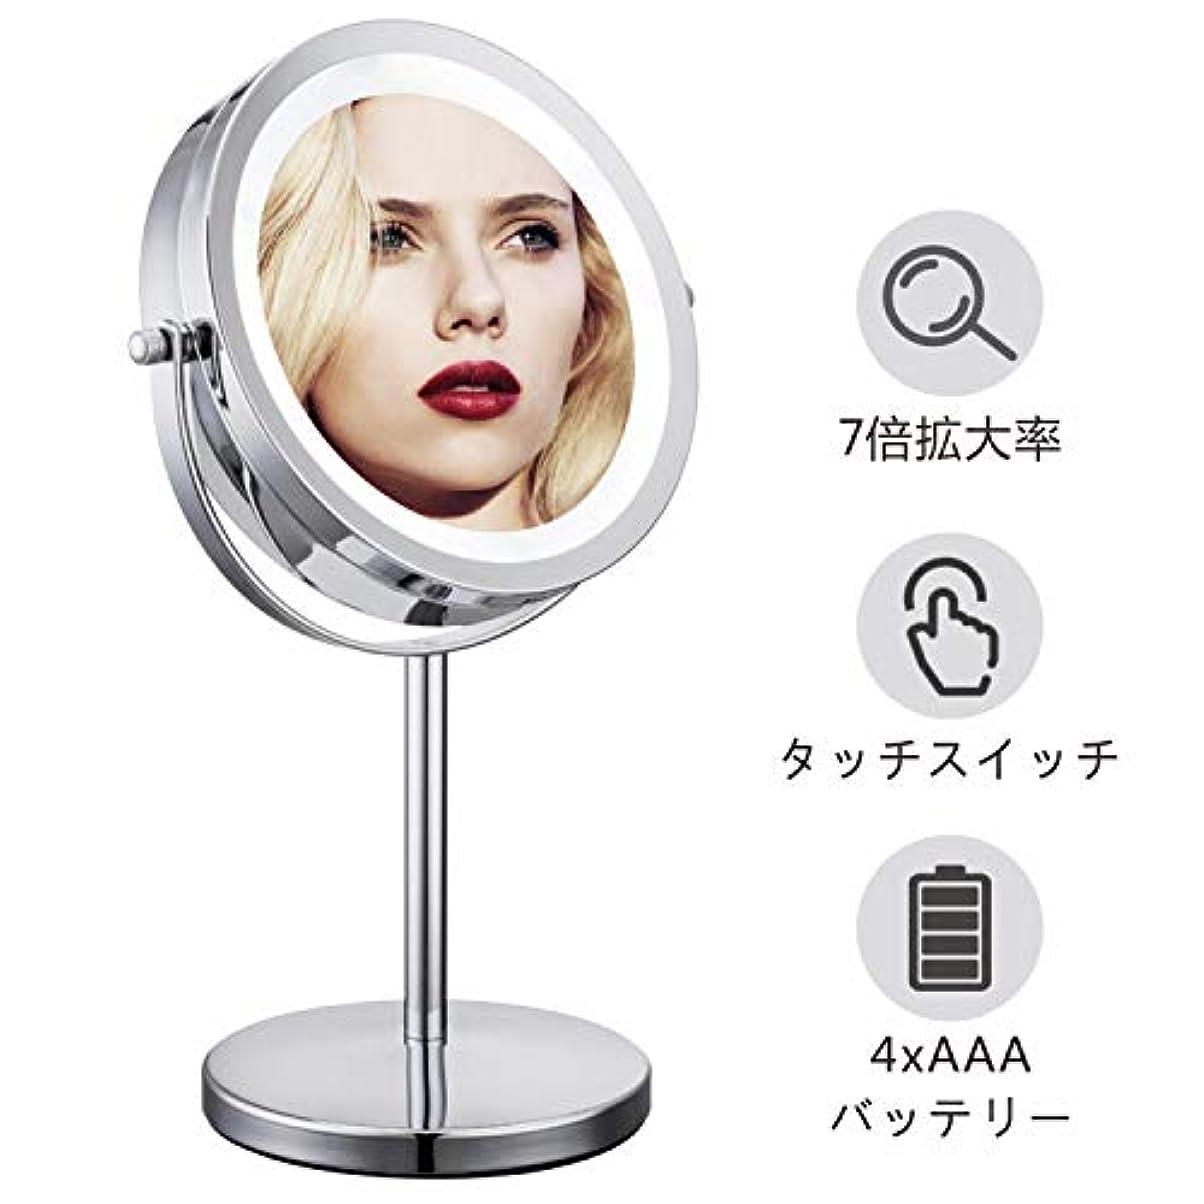 高度なぐるぐる愛国的なMinracler 化粧鏡 7倍拡大 卓上 化粧ミラー led両面鏡 明るさ調節可能 360度回転 (鏡面155mmΦ) 電池給電